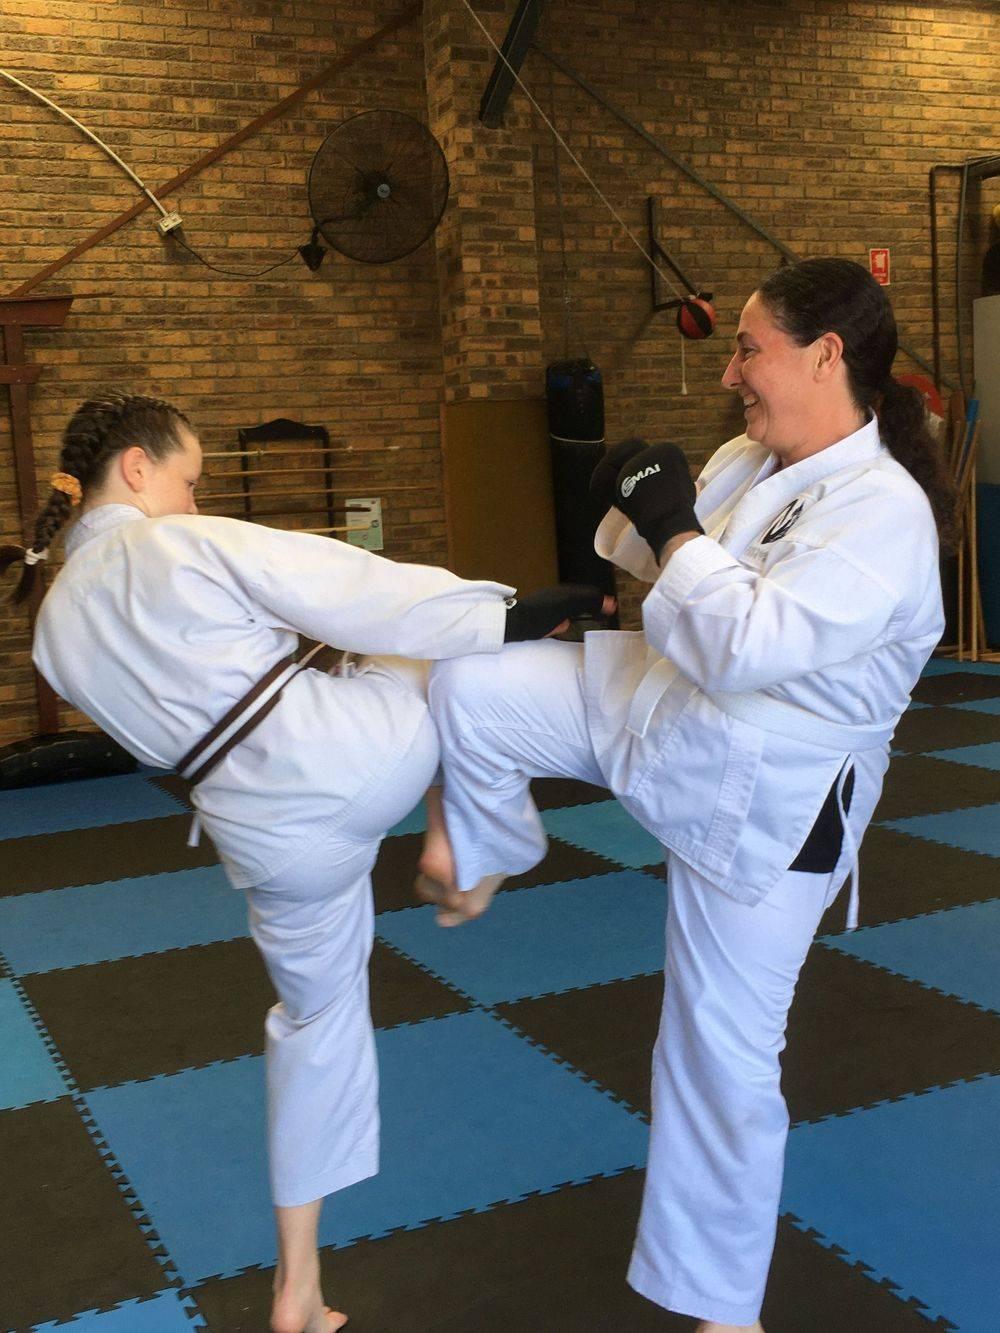 Women enjoying Martial arts